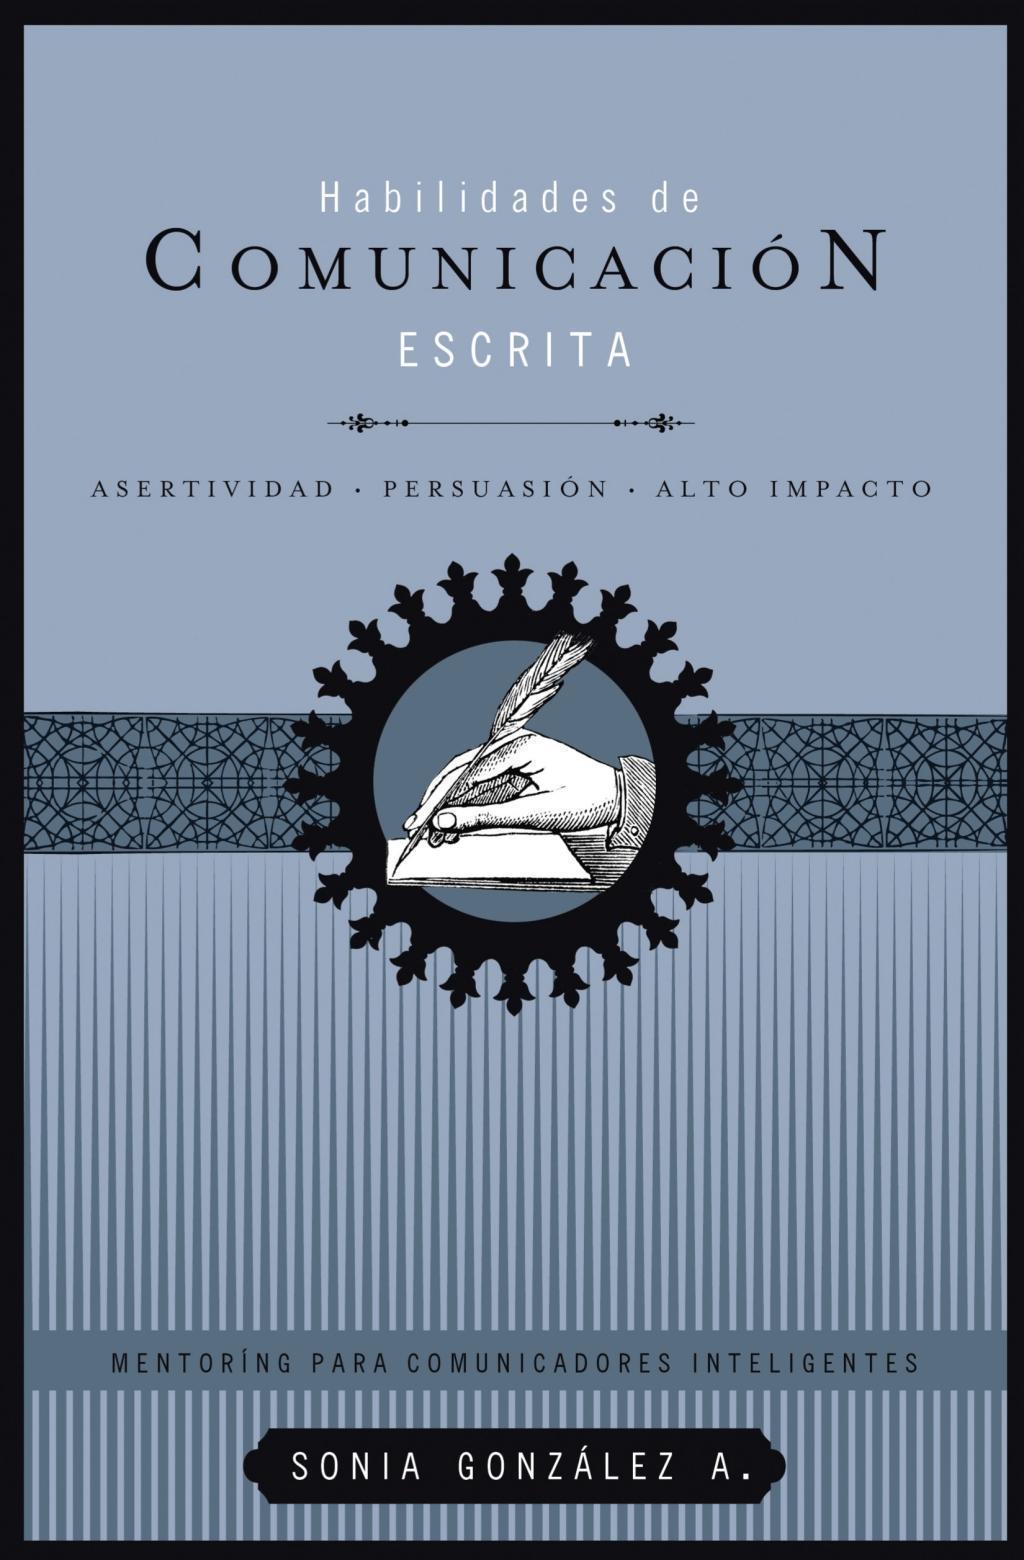 Habilidades de comunicación escrita